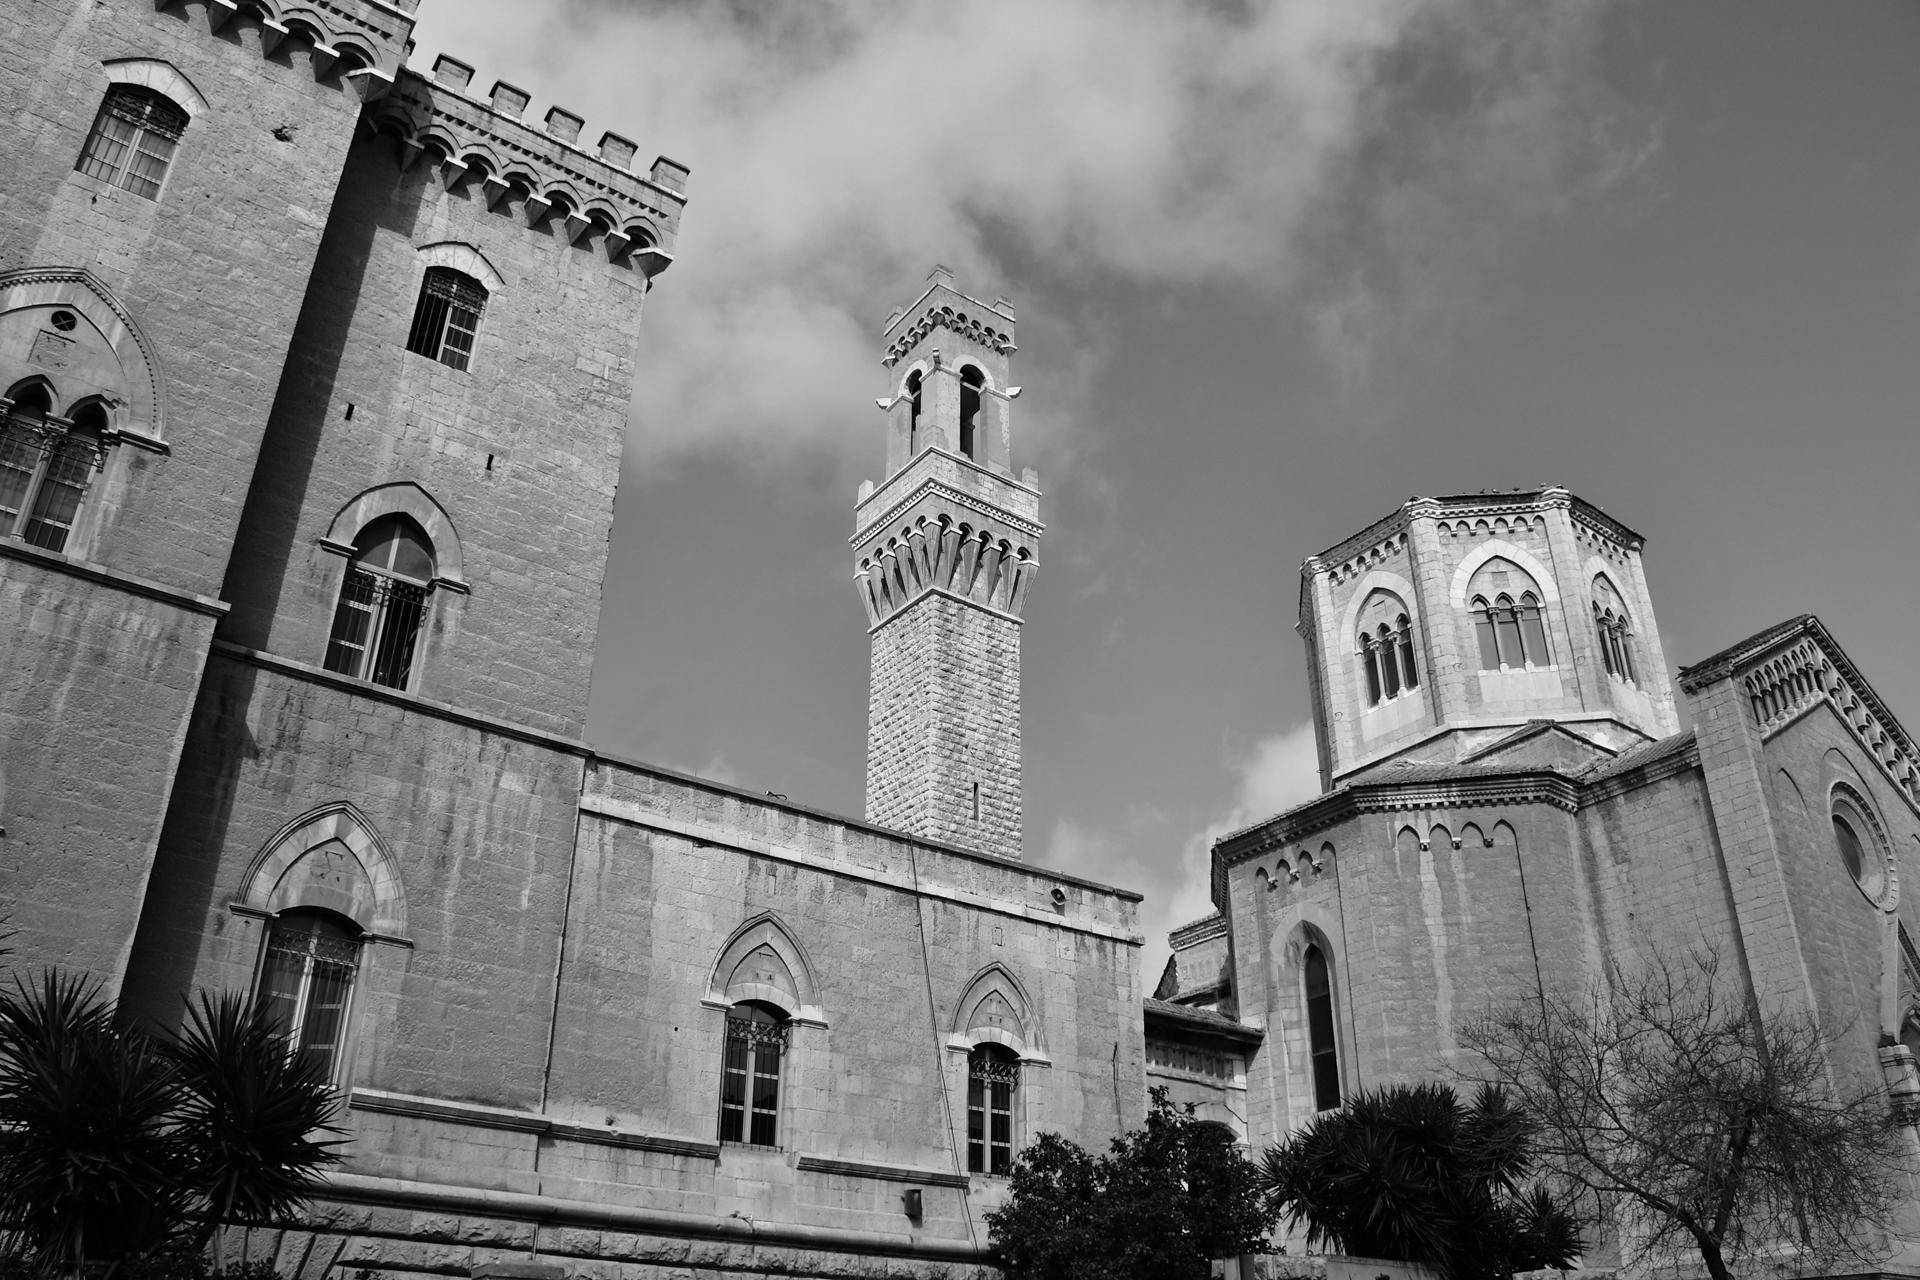 בית החולים האיטלקי ירושלים - יואל שתרוג - אדמה יוצרת - עיר עוטפת אור - yoel sitruk